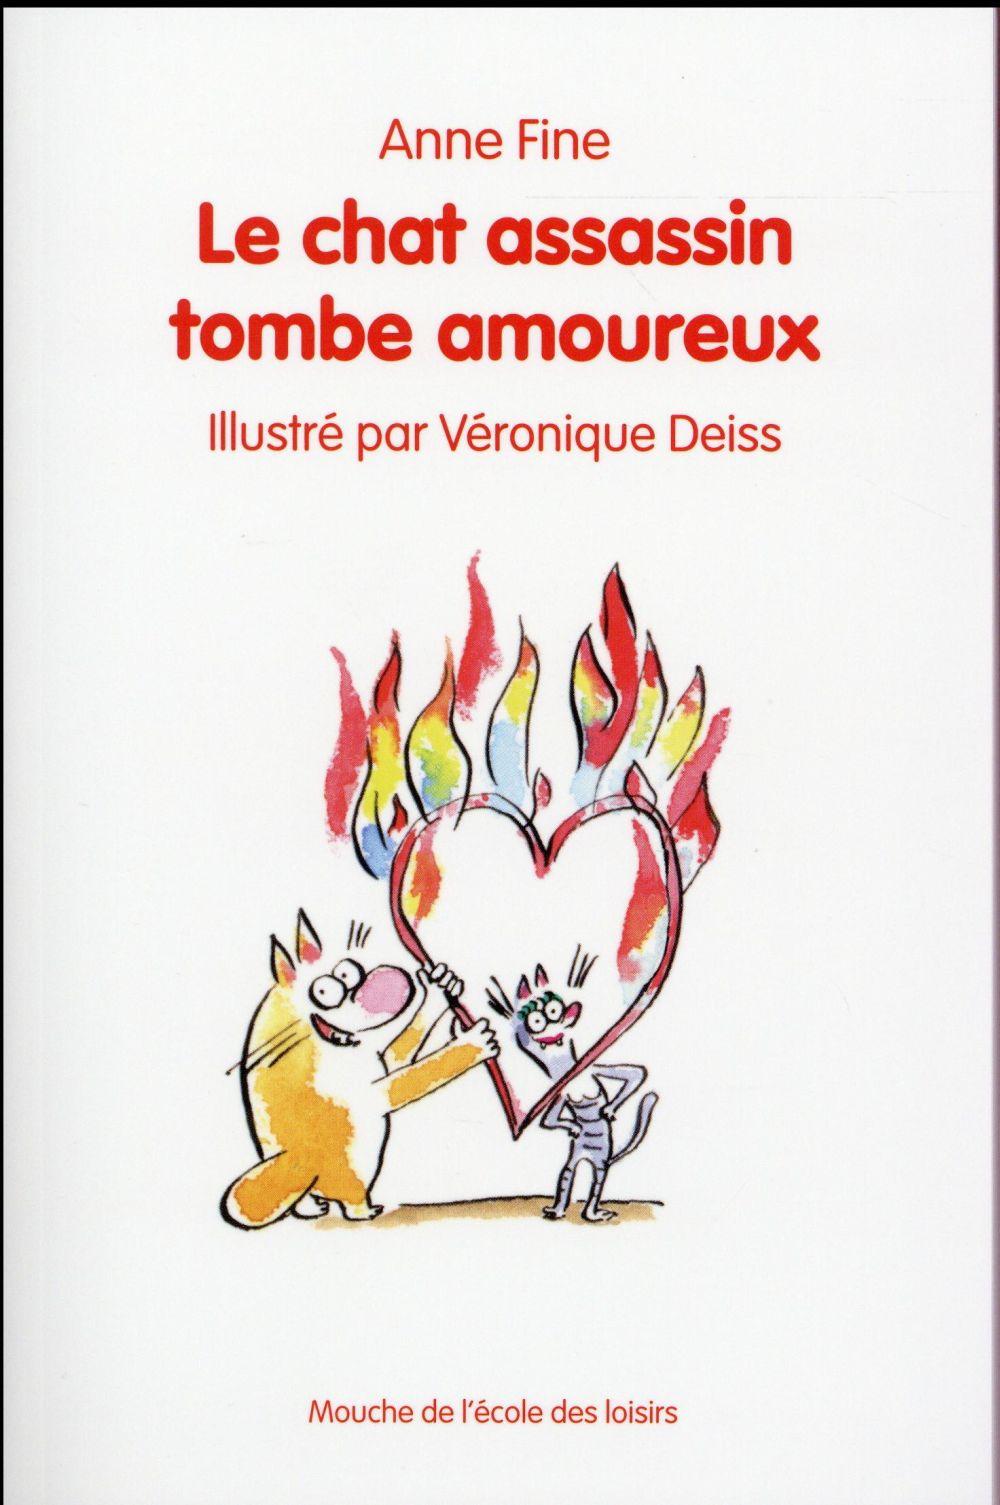 LE CHAT ASSASSIN TOMBE AMOUREUX Fine Anne Ecole des loisirs